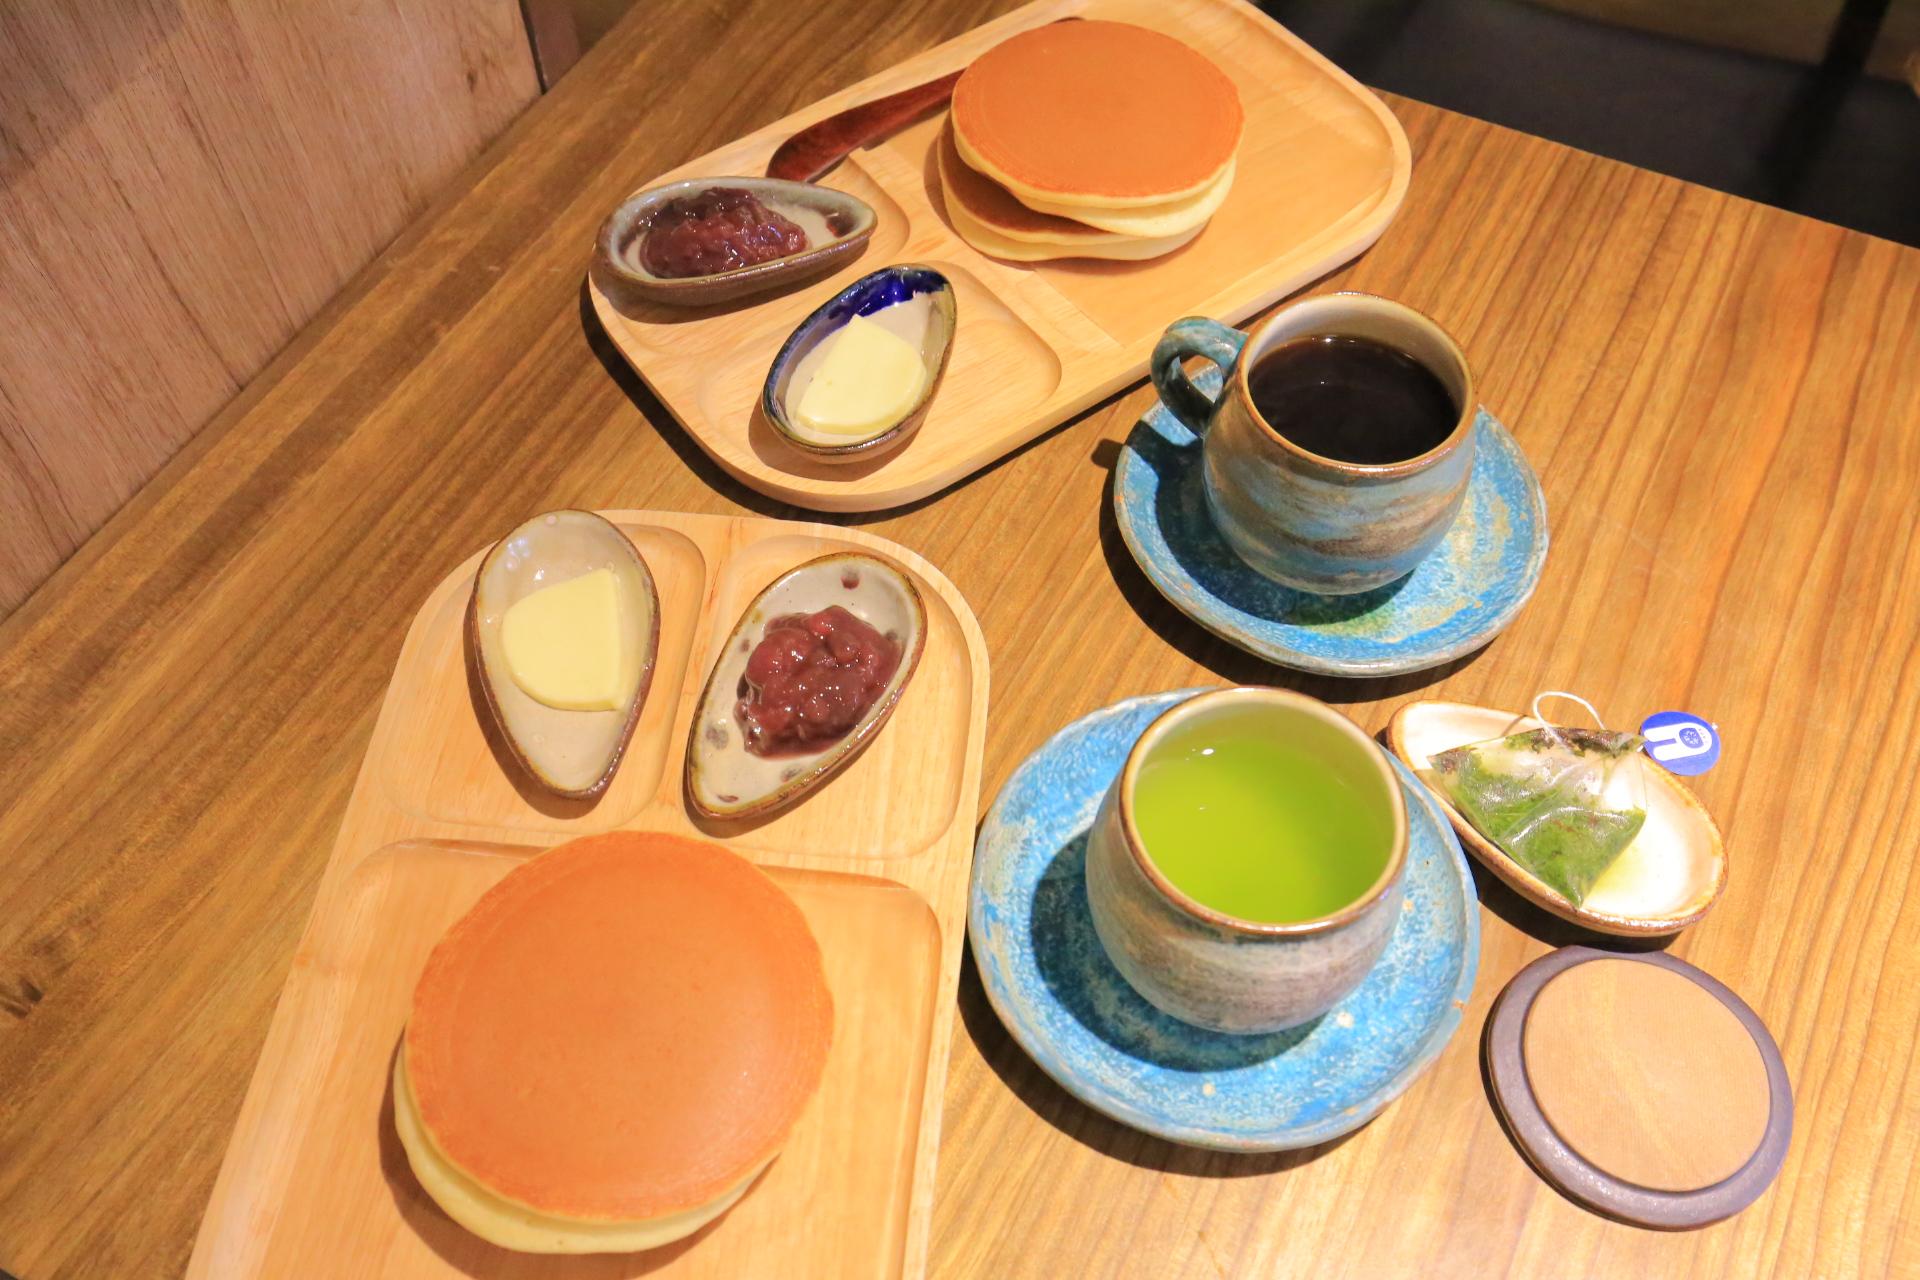 【東京上野自由行】一日遊行程,逛街-景點-美食-住宿,看這篇就懂! @小環妞 幸福足跡